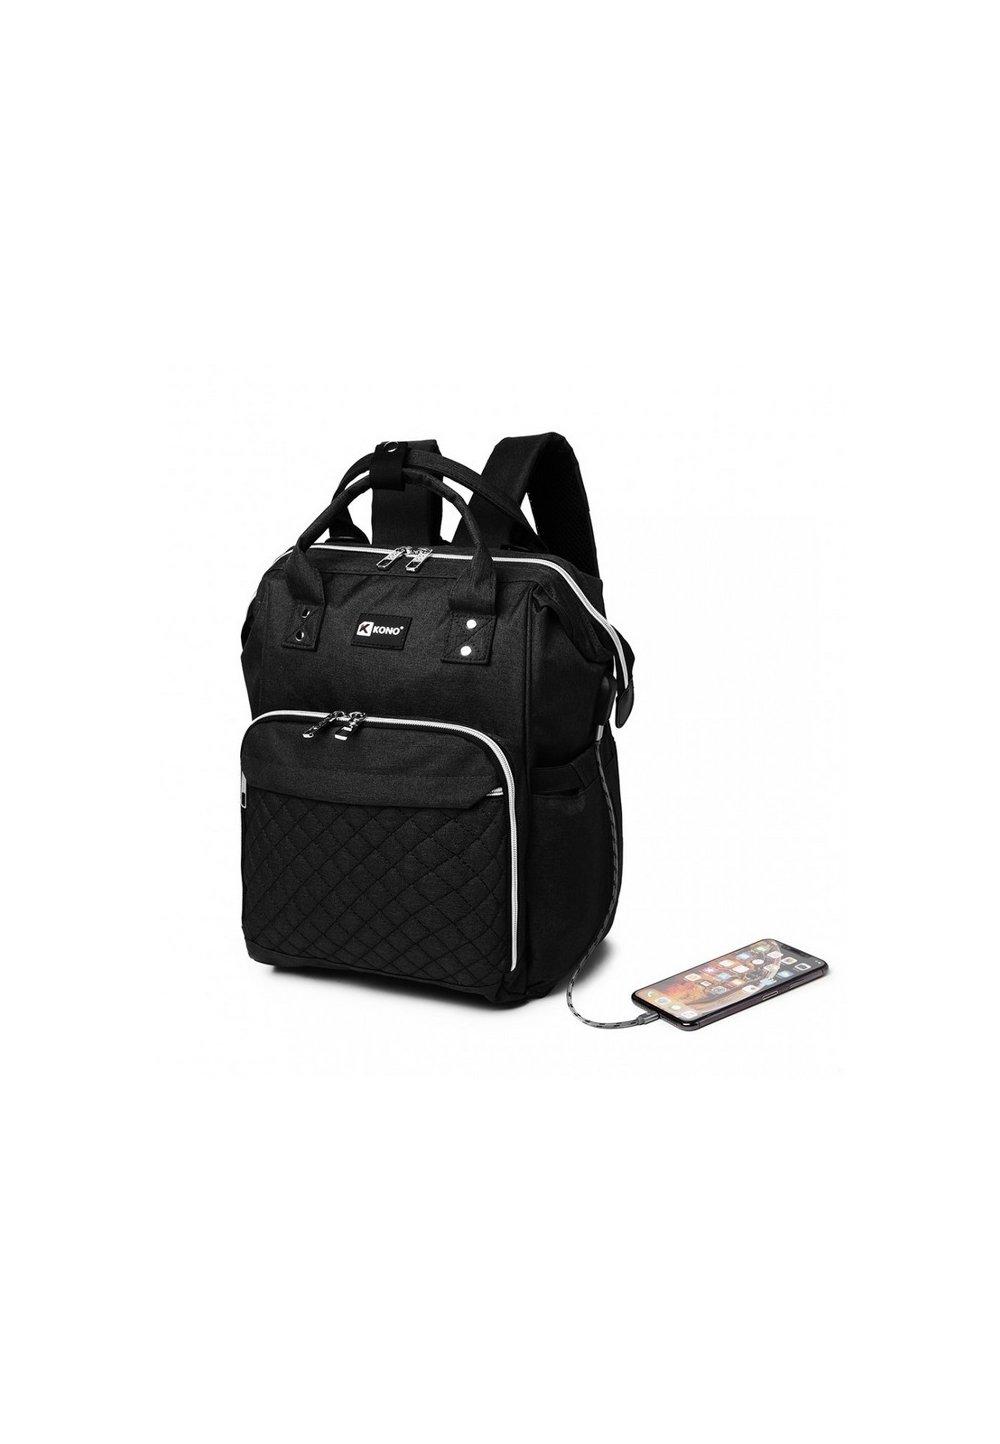 Rucsac pentru mamici, Work, cu mufa USB, negru imagine